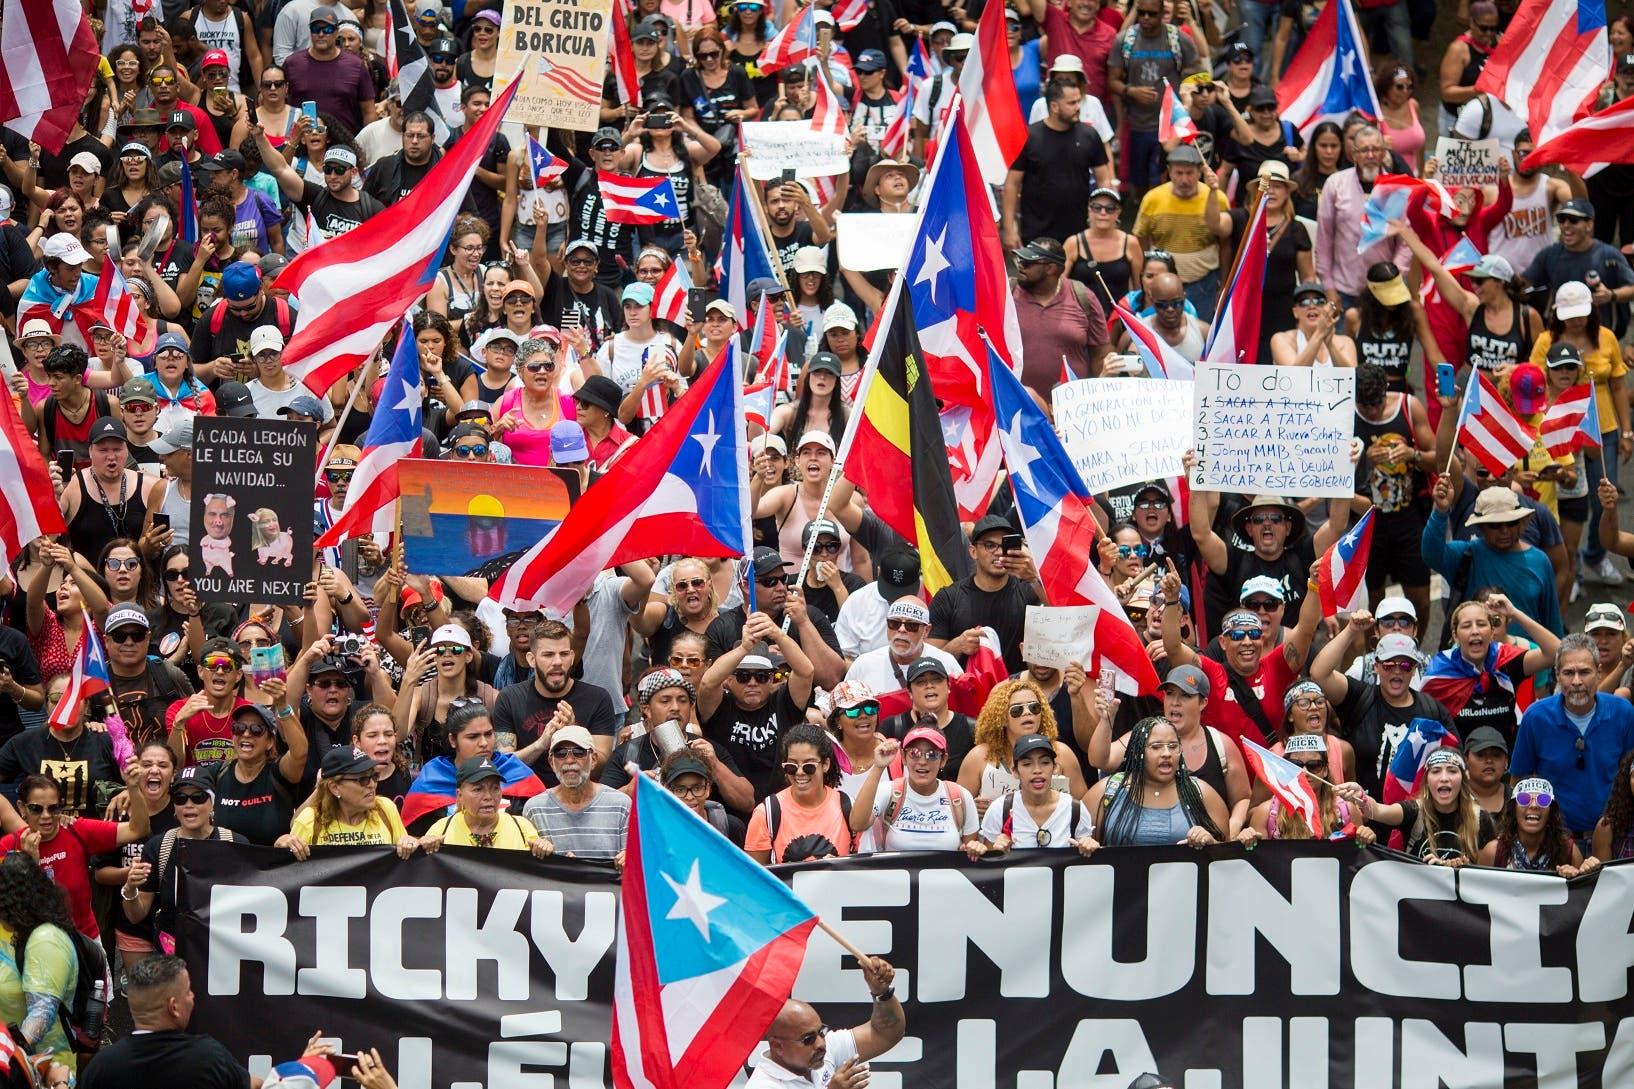 15. El pueblo celebró en las calles la renuncia del gobernador Rosselló.